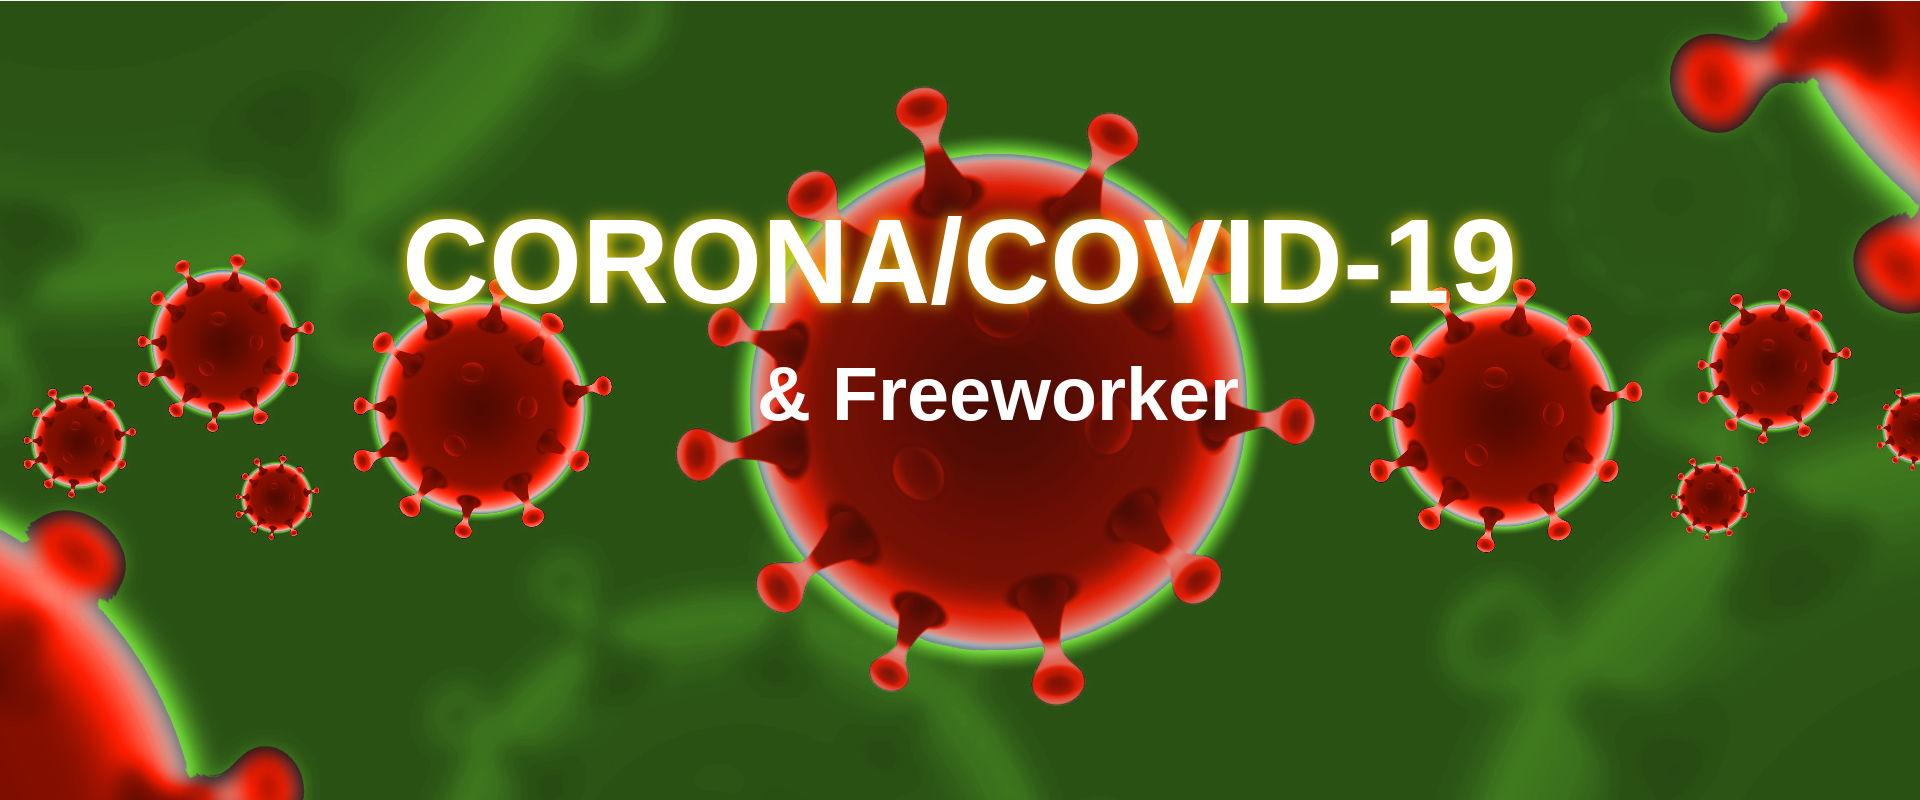 Permalink to: Informations sur la pandémie de Corona et les conséquences actuelles pour Freeworker